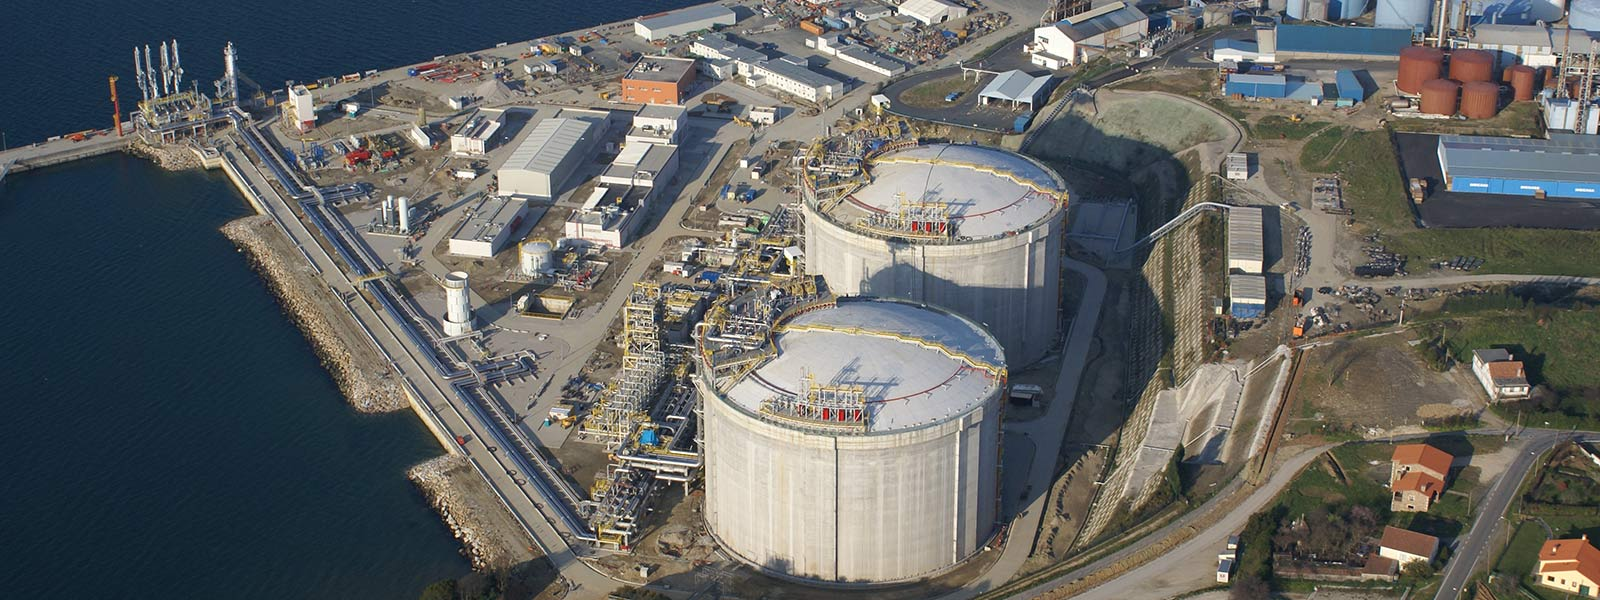 Blick von oben auf eine Kraftwerkanlage